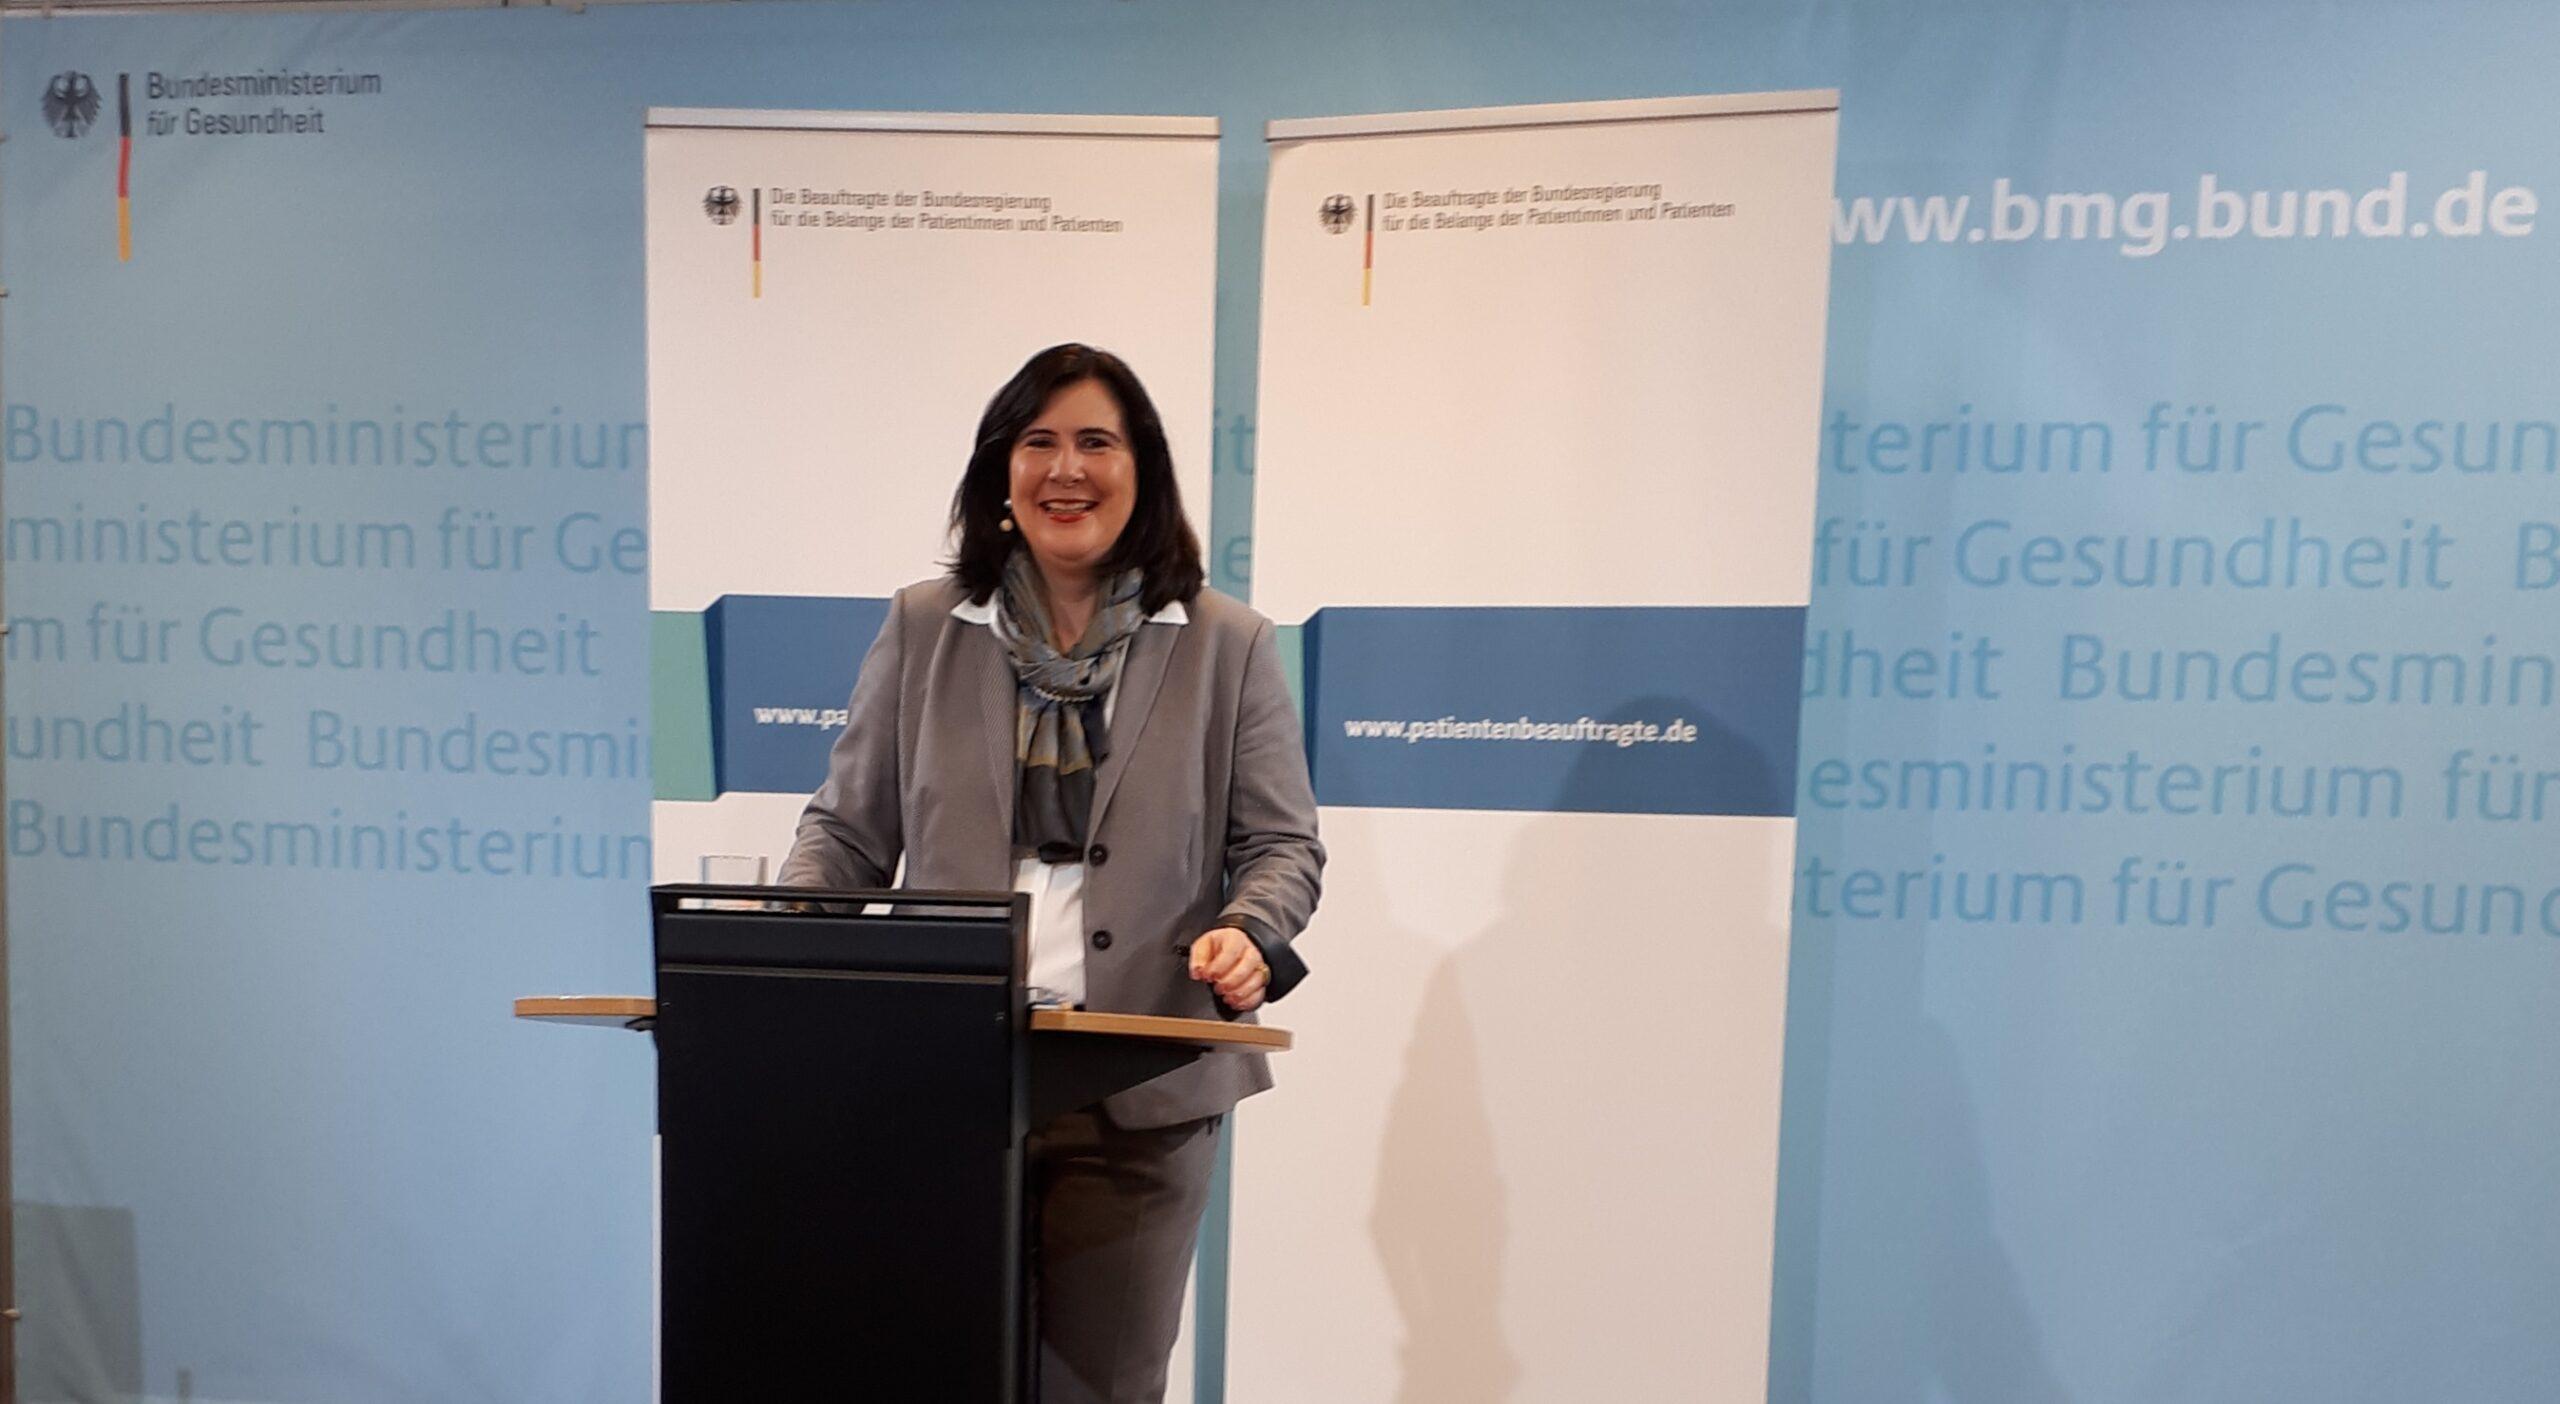 Die Patientenbeauftragte der Bundesregierung, Frau Prof. Dr. Claudia Schmidtke, während ihrer Eröffnungsrede.